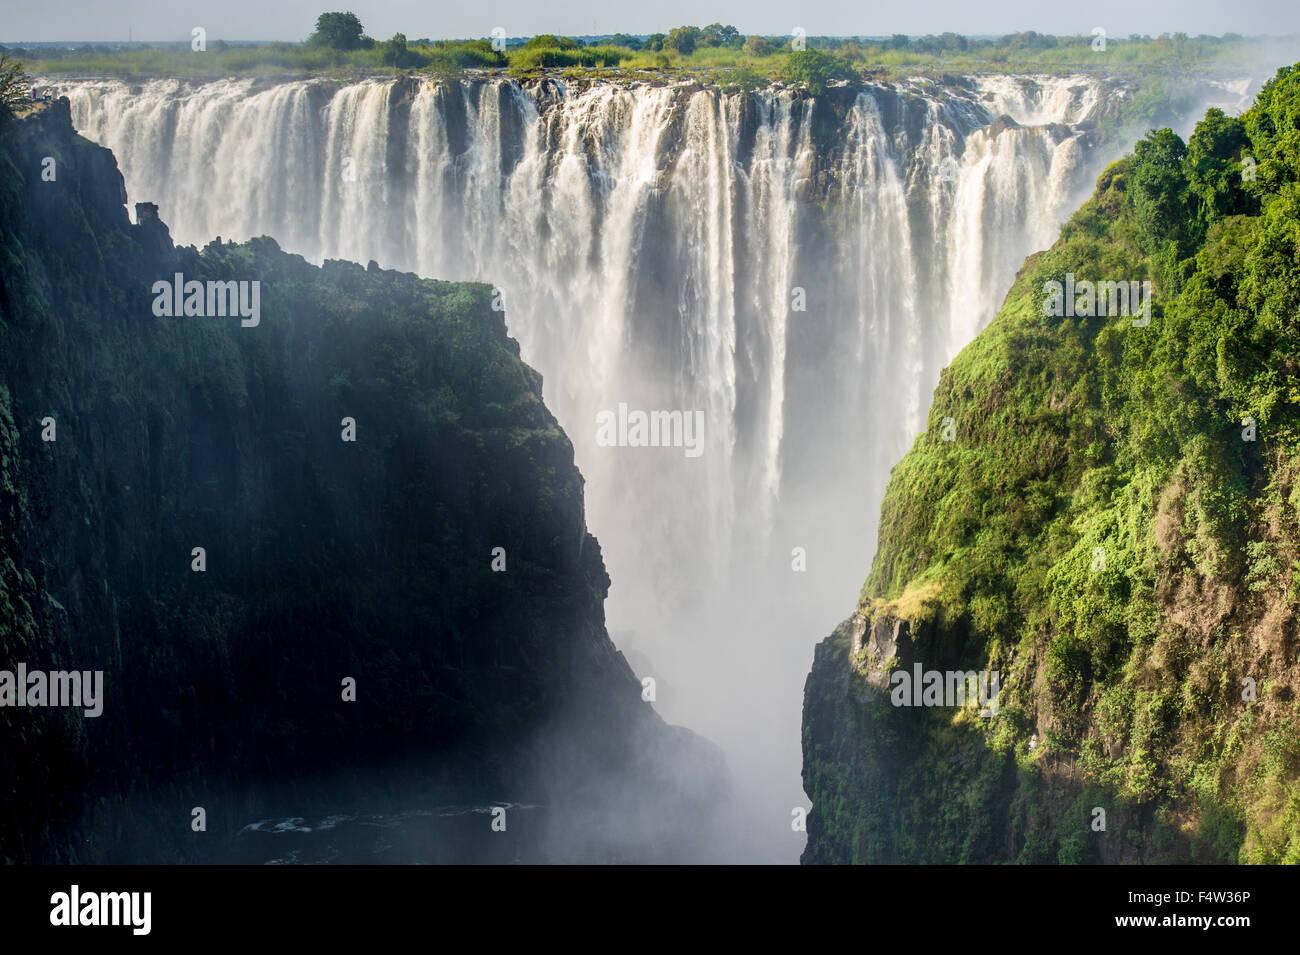 LIVINGSTONE, ZAMBIA, AFRICA - Victoria Falls (Mosi-oa-Tunya) , Worlds largest waterfall , on the Zambezi River - Stock Image